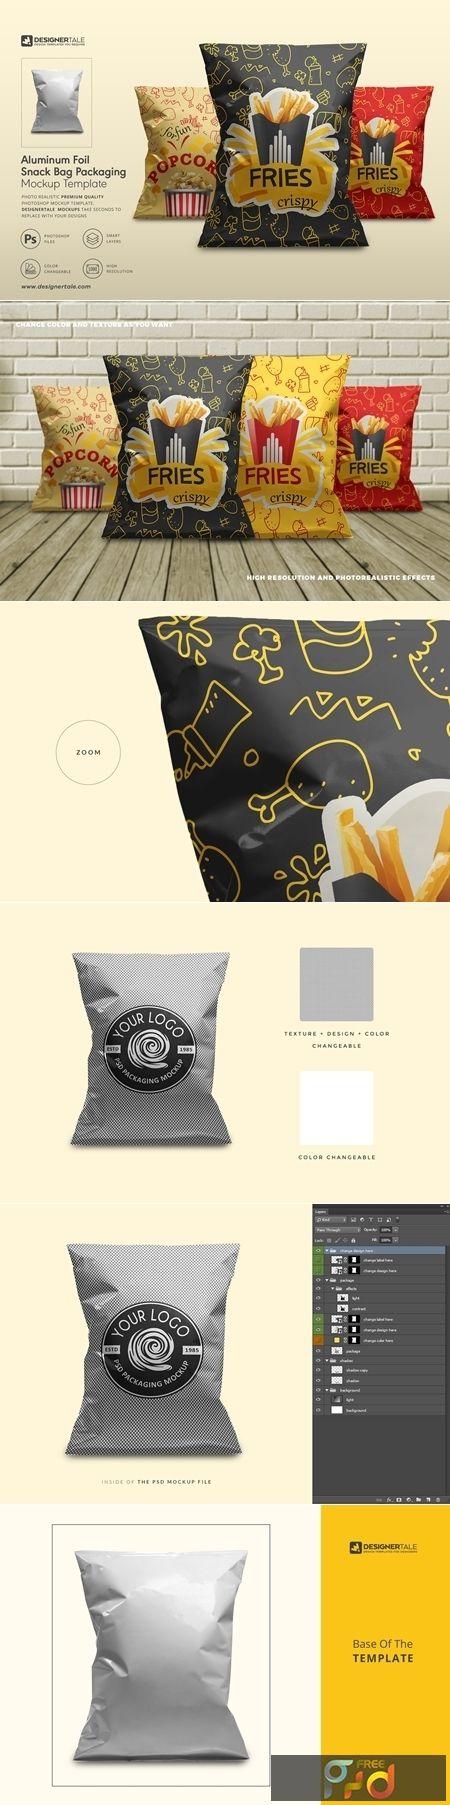 Download Foil Snack Bag Packaging Mockup 4151690 Freepsdvn Packaging Mockup Bag Packaging Free Logo